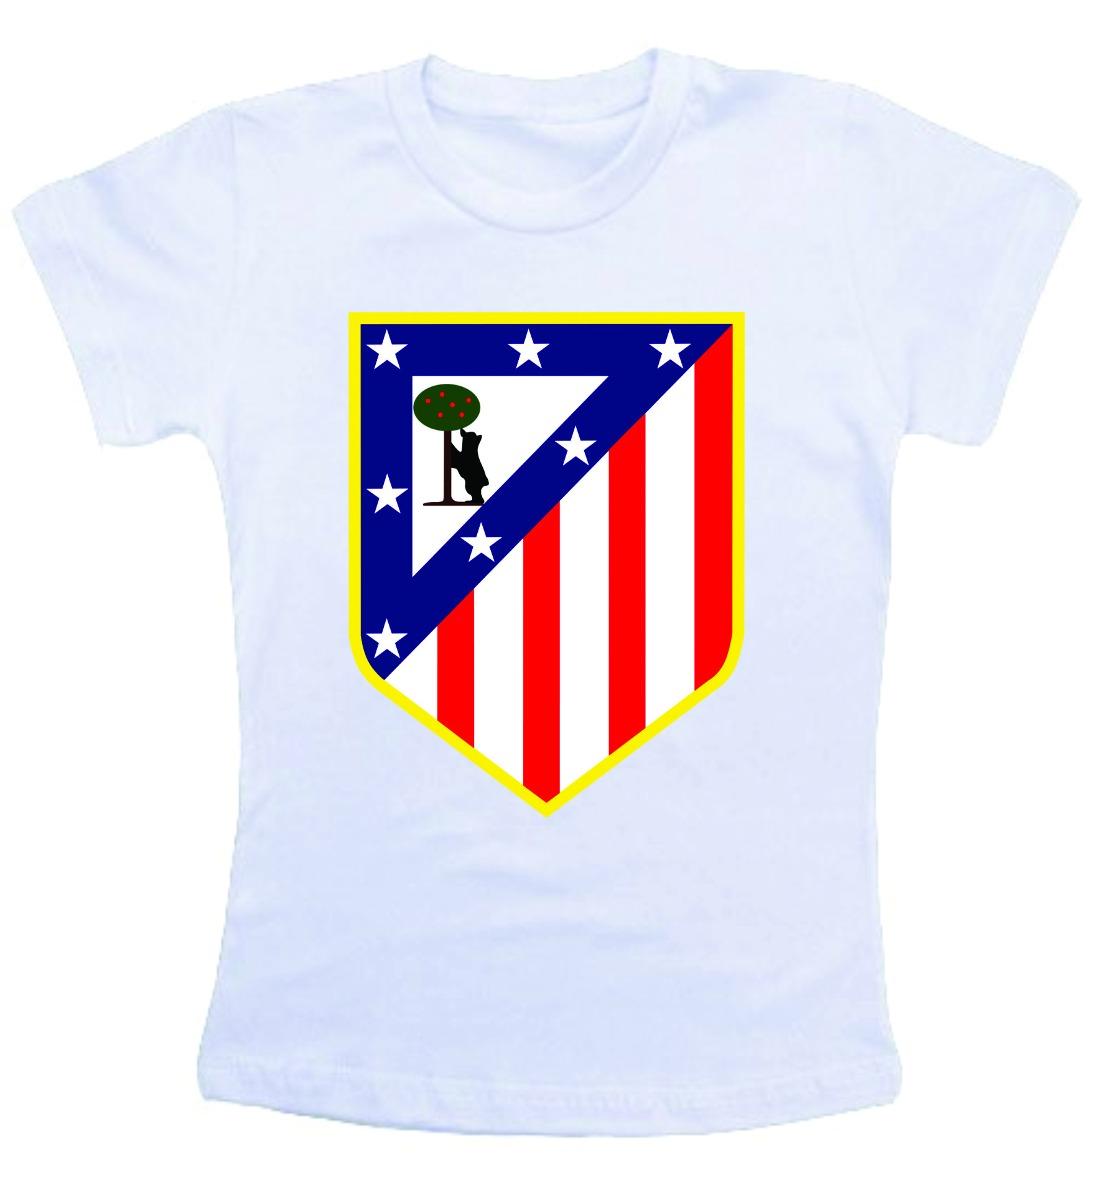 camiseta infantil - atletico de madri futebol. Carregando zoom. 9e0ebd82e5fb3